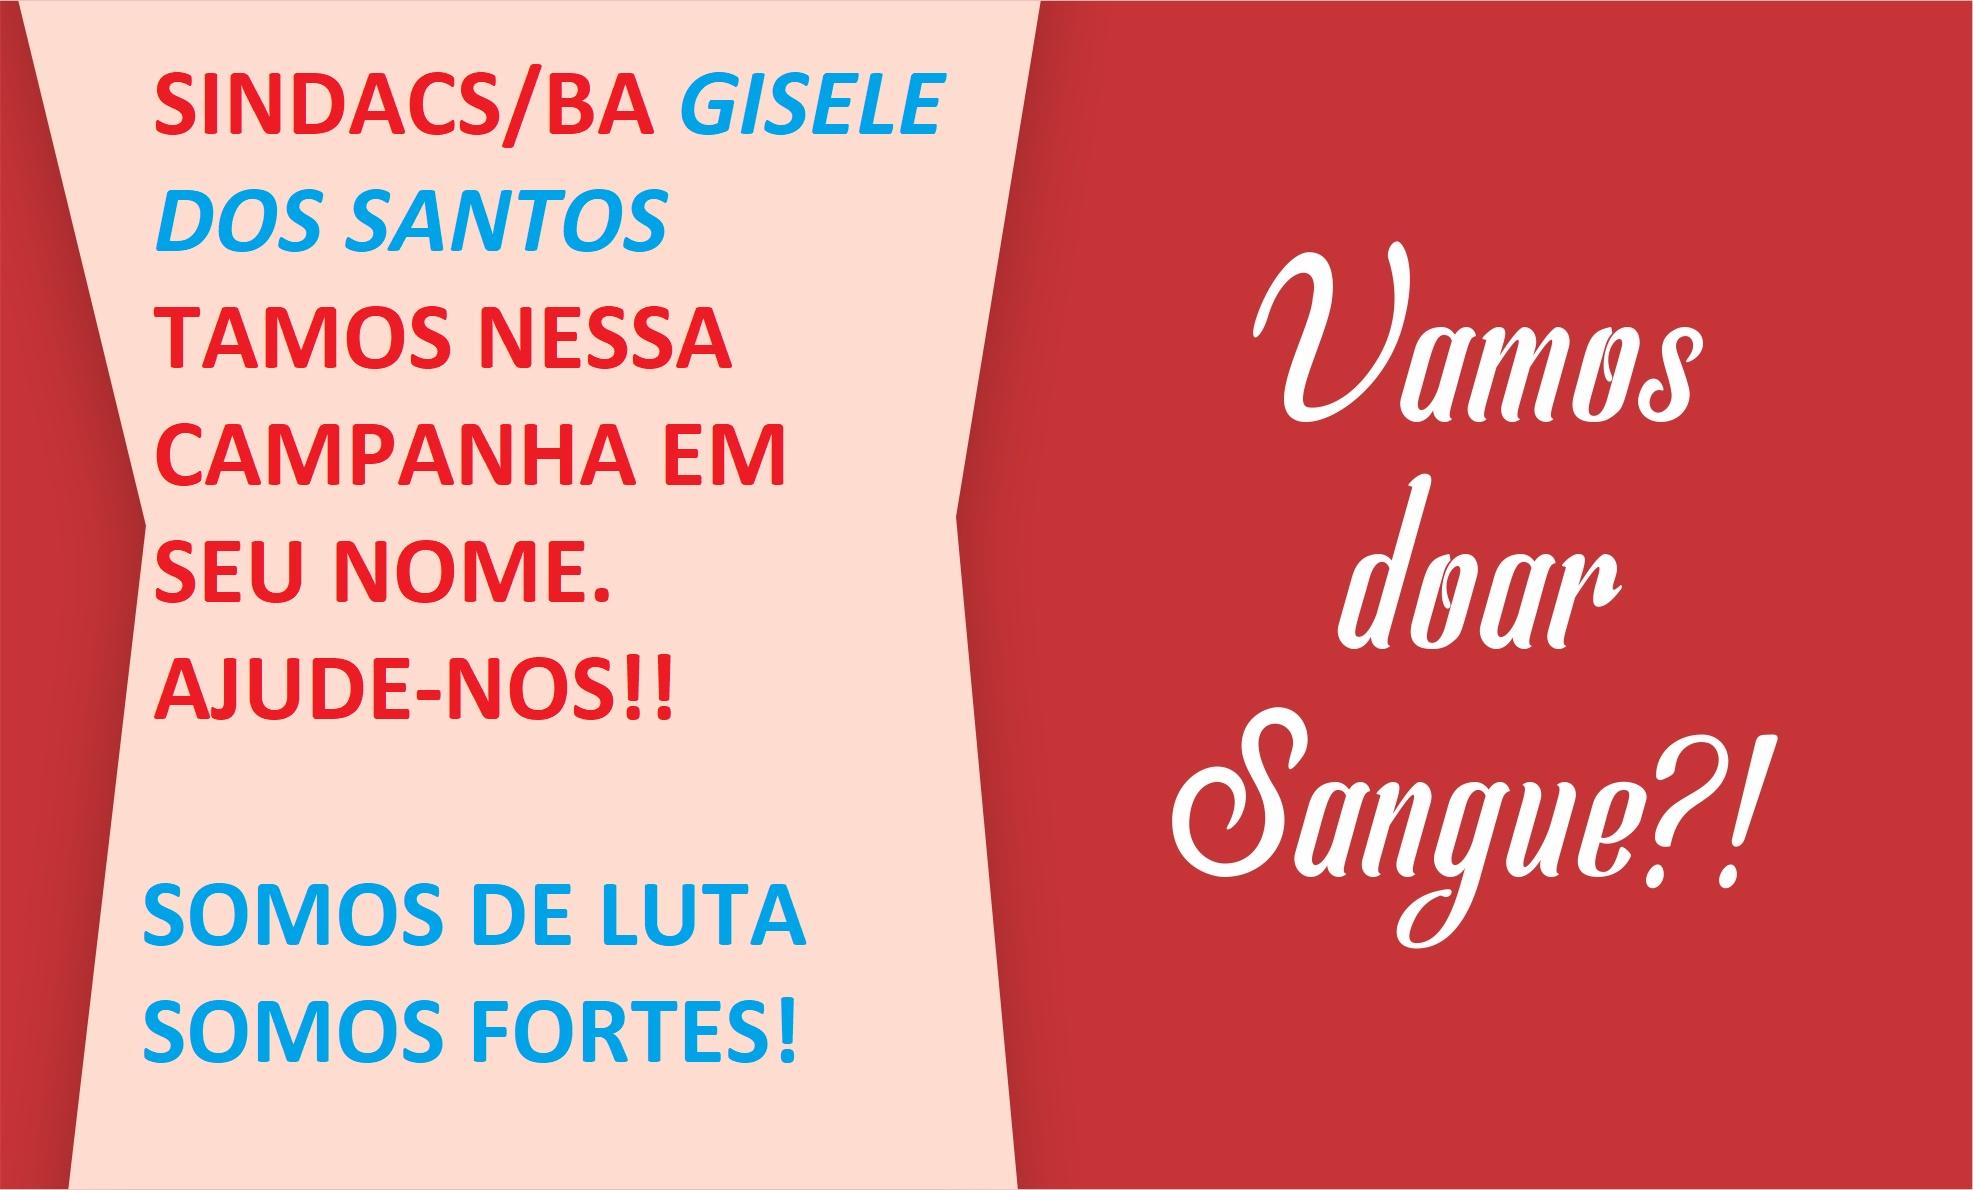 1479471836-4143-vamos-doar-sangue1